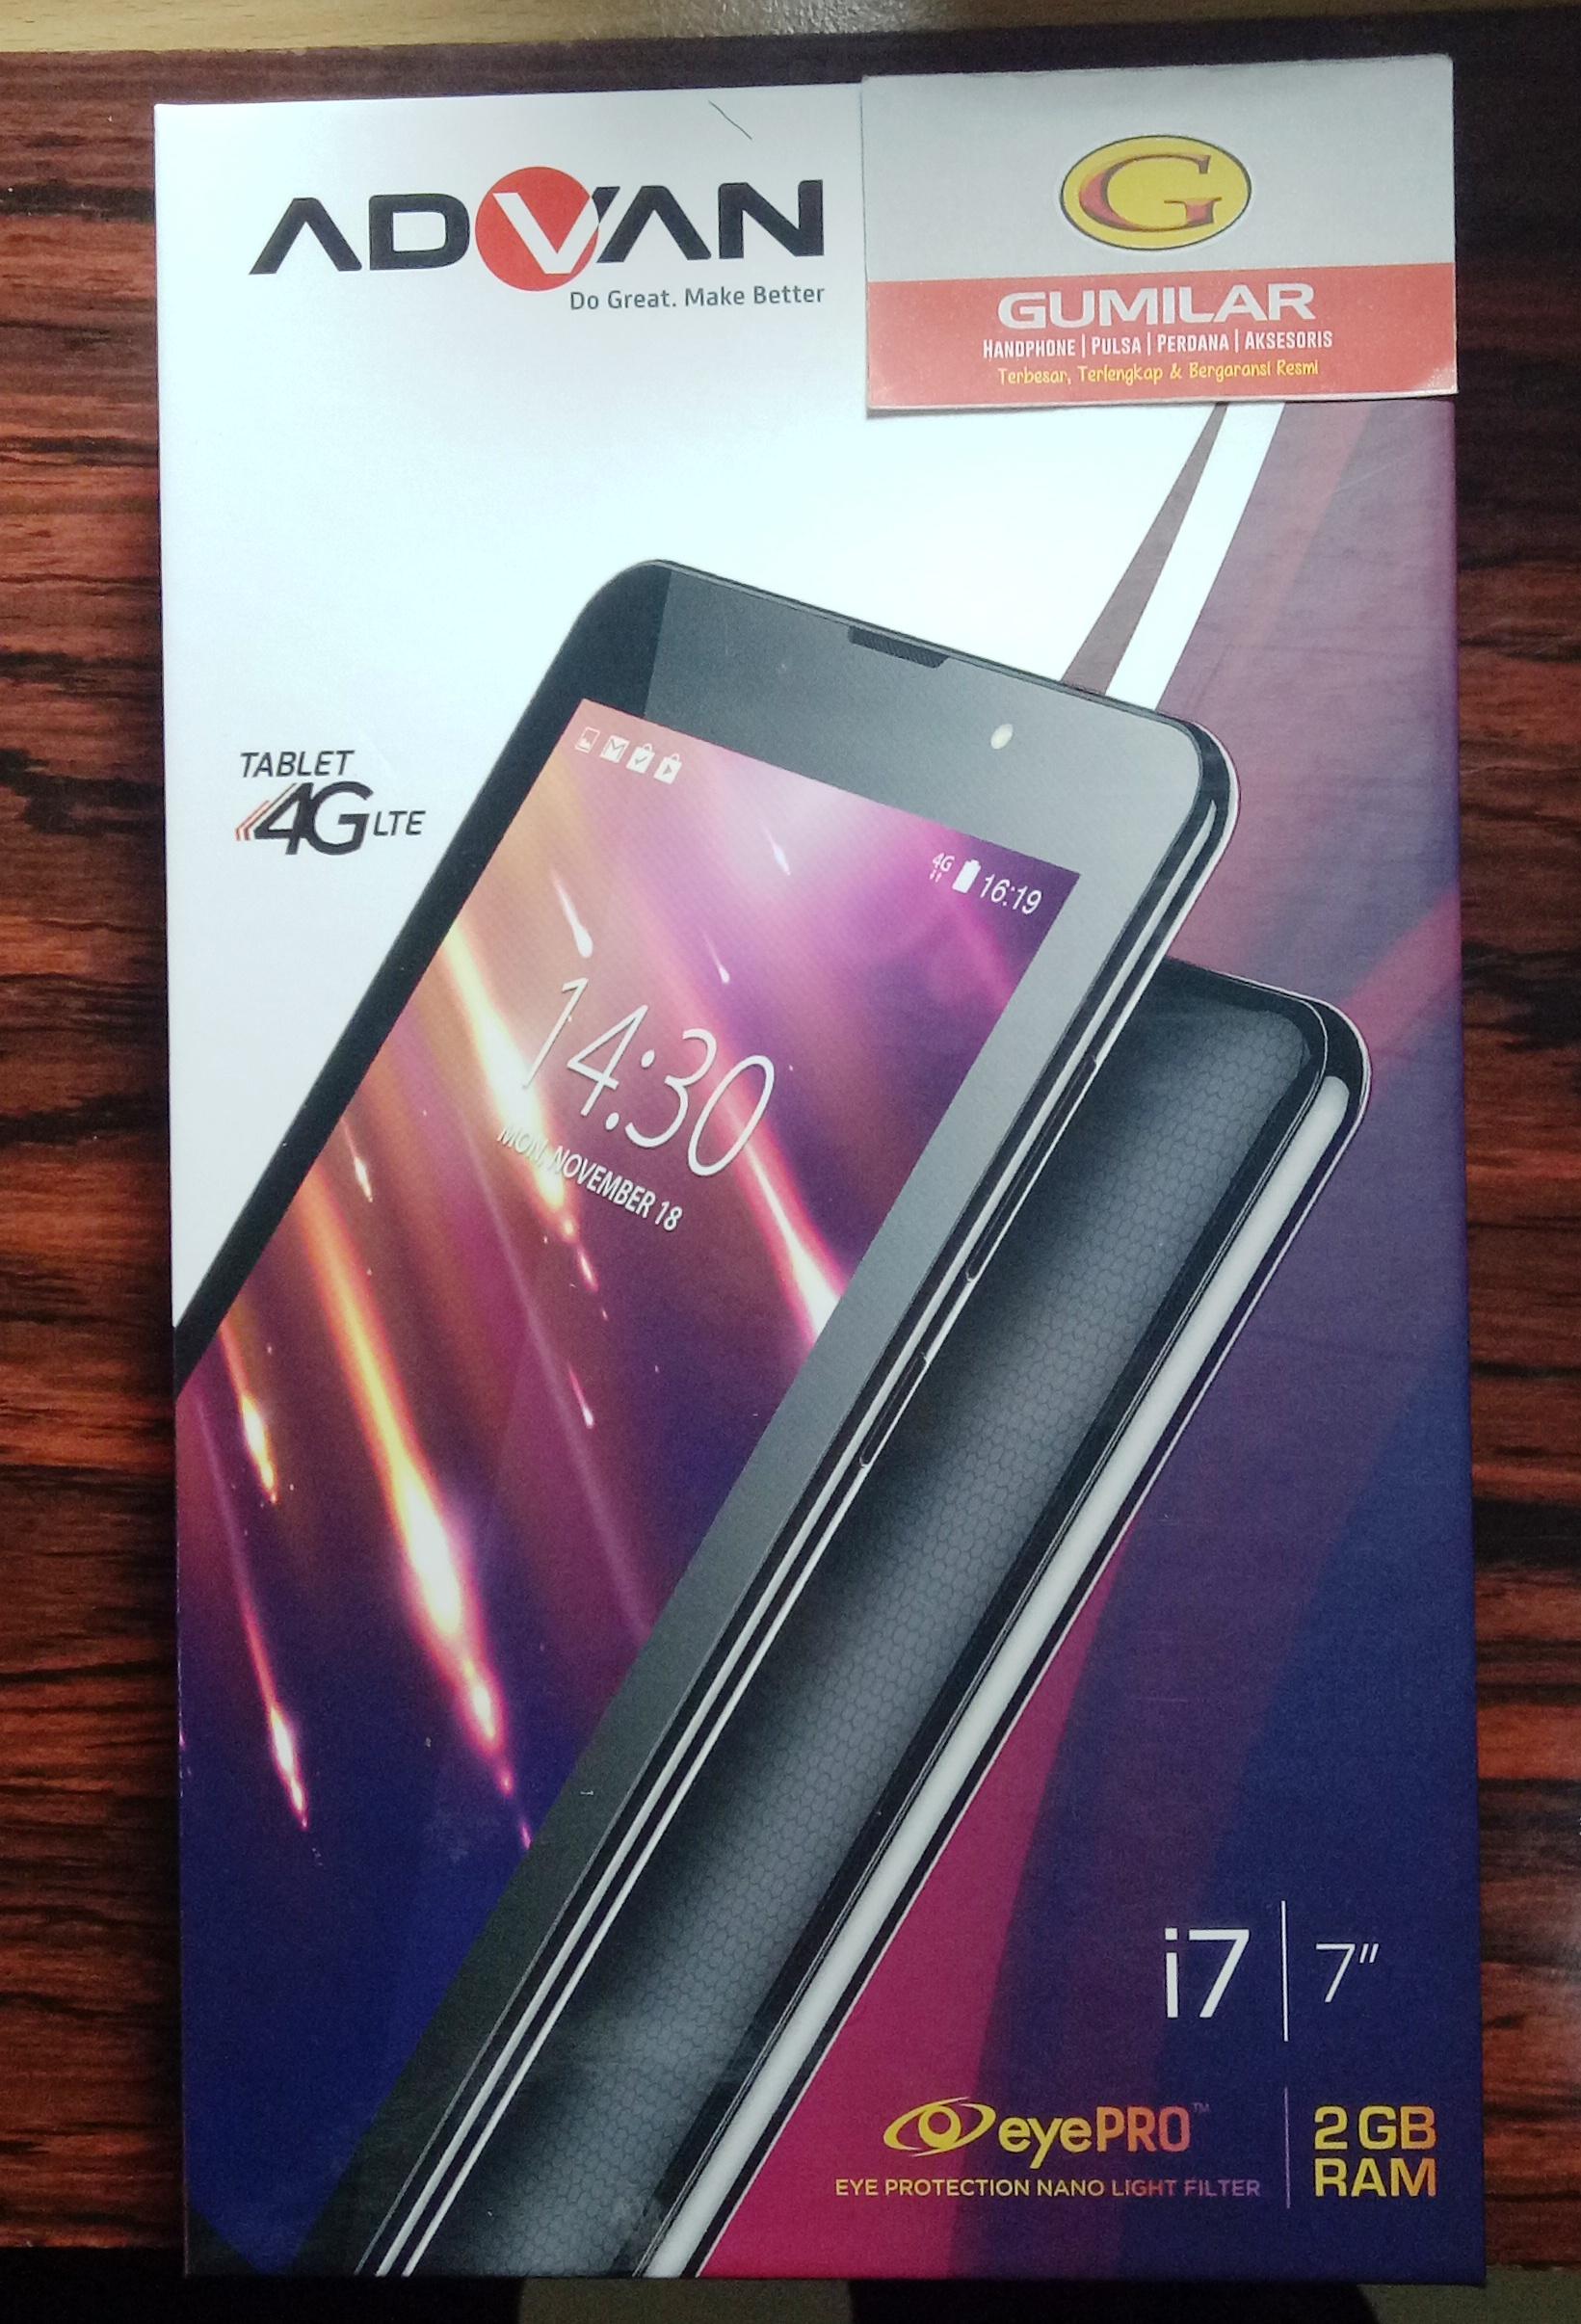 Jual Advan I7 4G LTE RAM 2GB